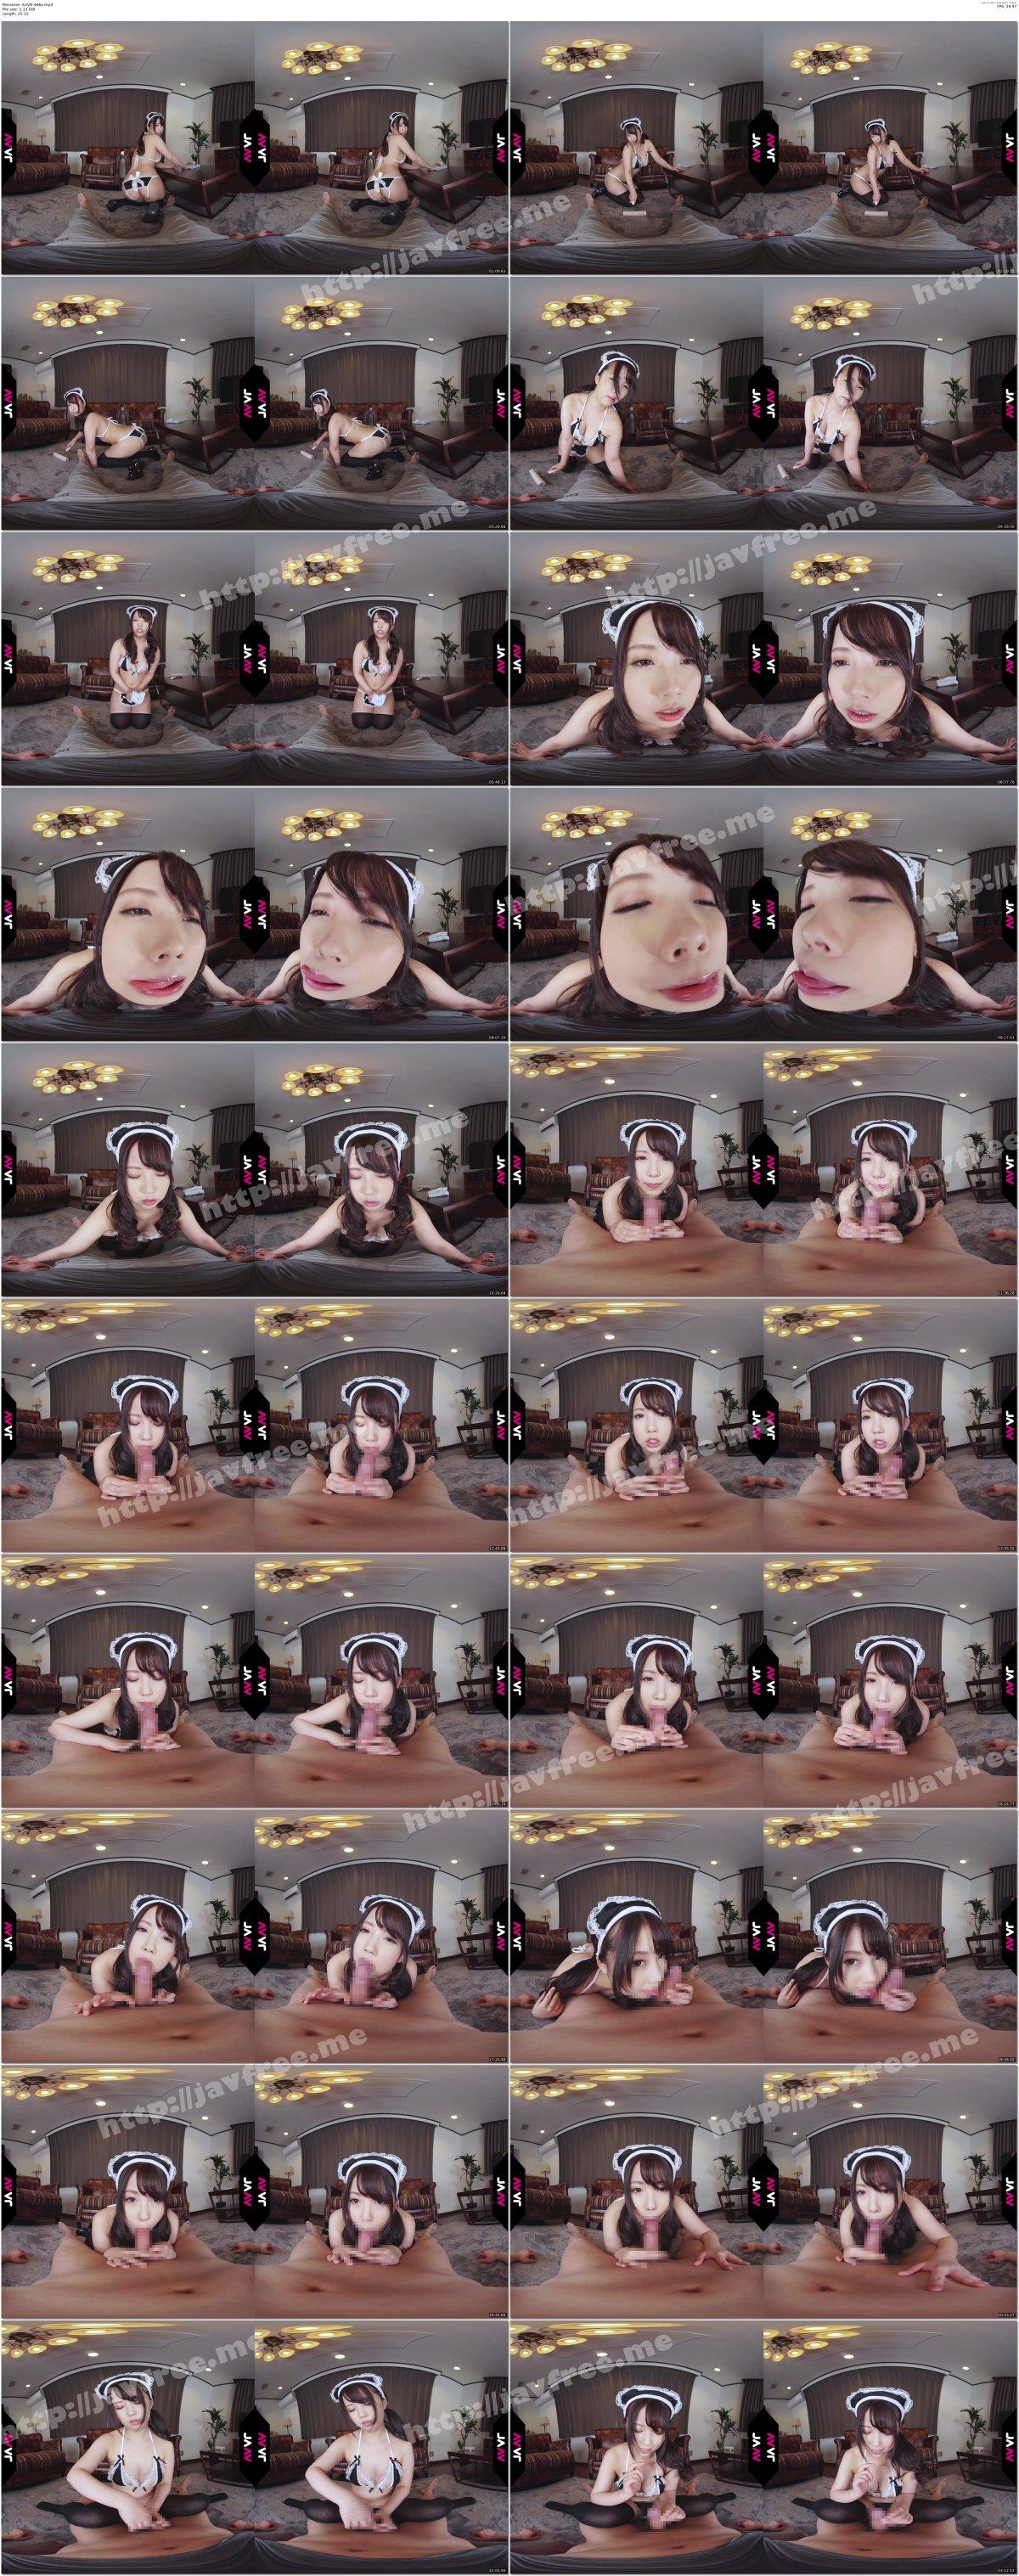 [AVVR-466] 【VR】僕専用のエロ可愛メイドは敏感体質の早漏マ●コ~ベロチューたっぷり中出しSEXスペシャル~ 玉木くるみ - image AVVR-466a on https://javfree.me